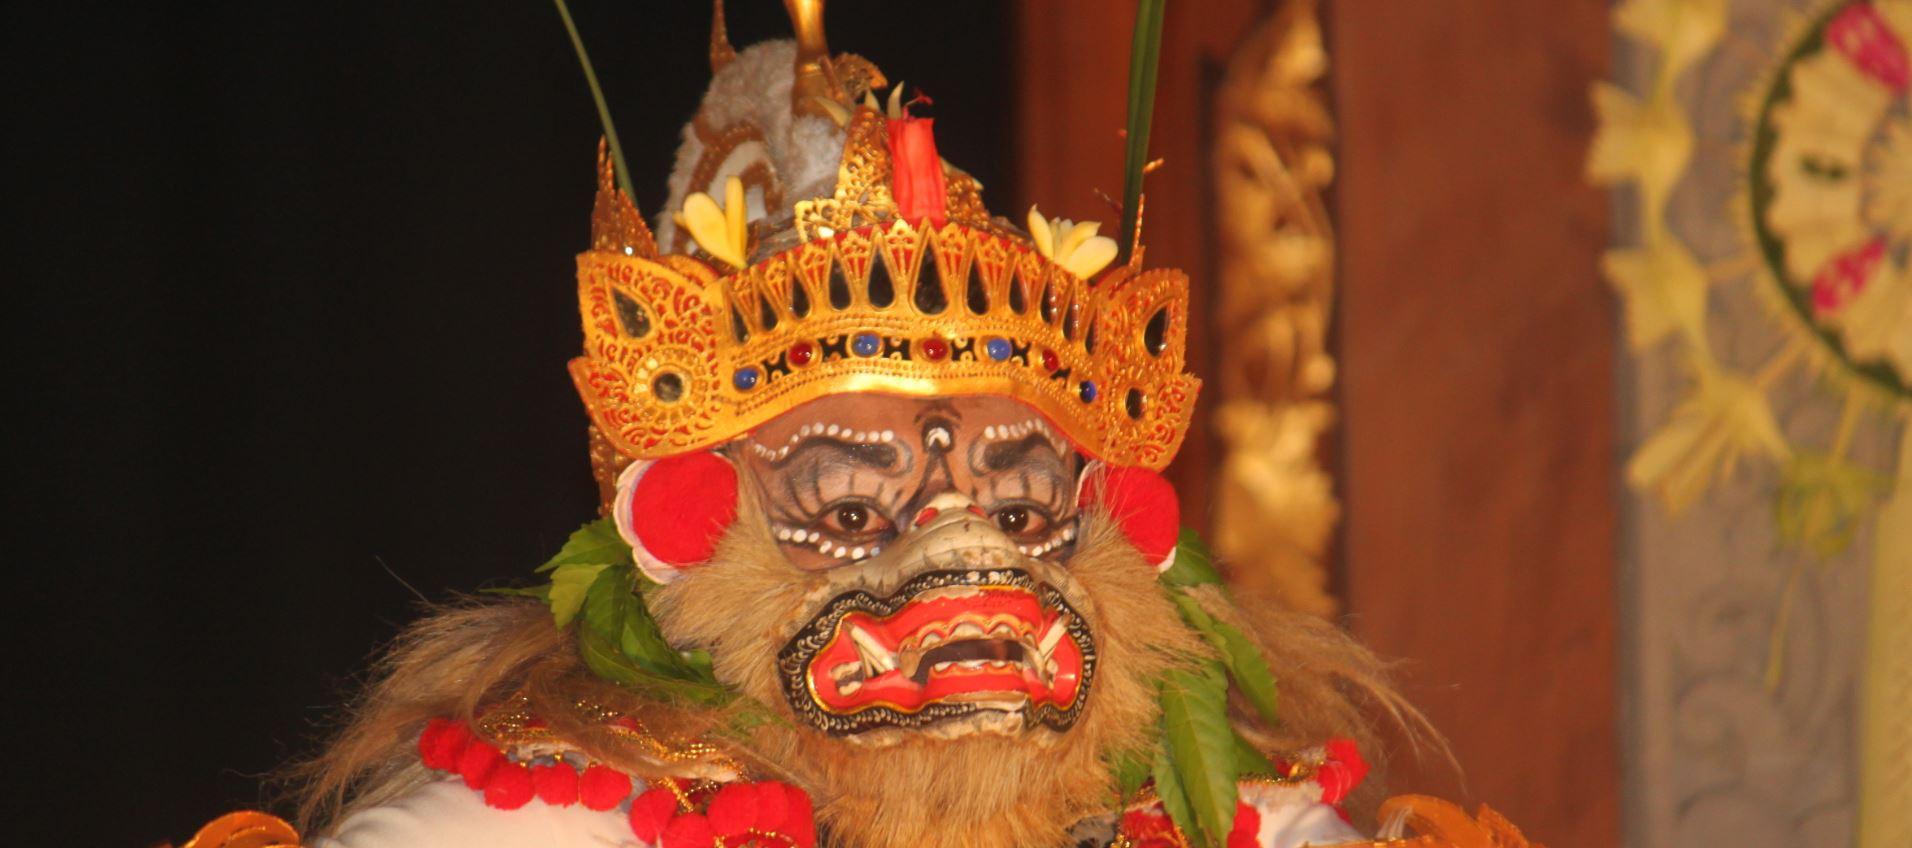 masque hanuman topeng bali dieu singe Ramayana